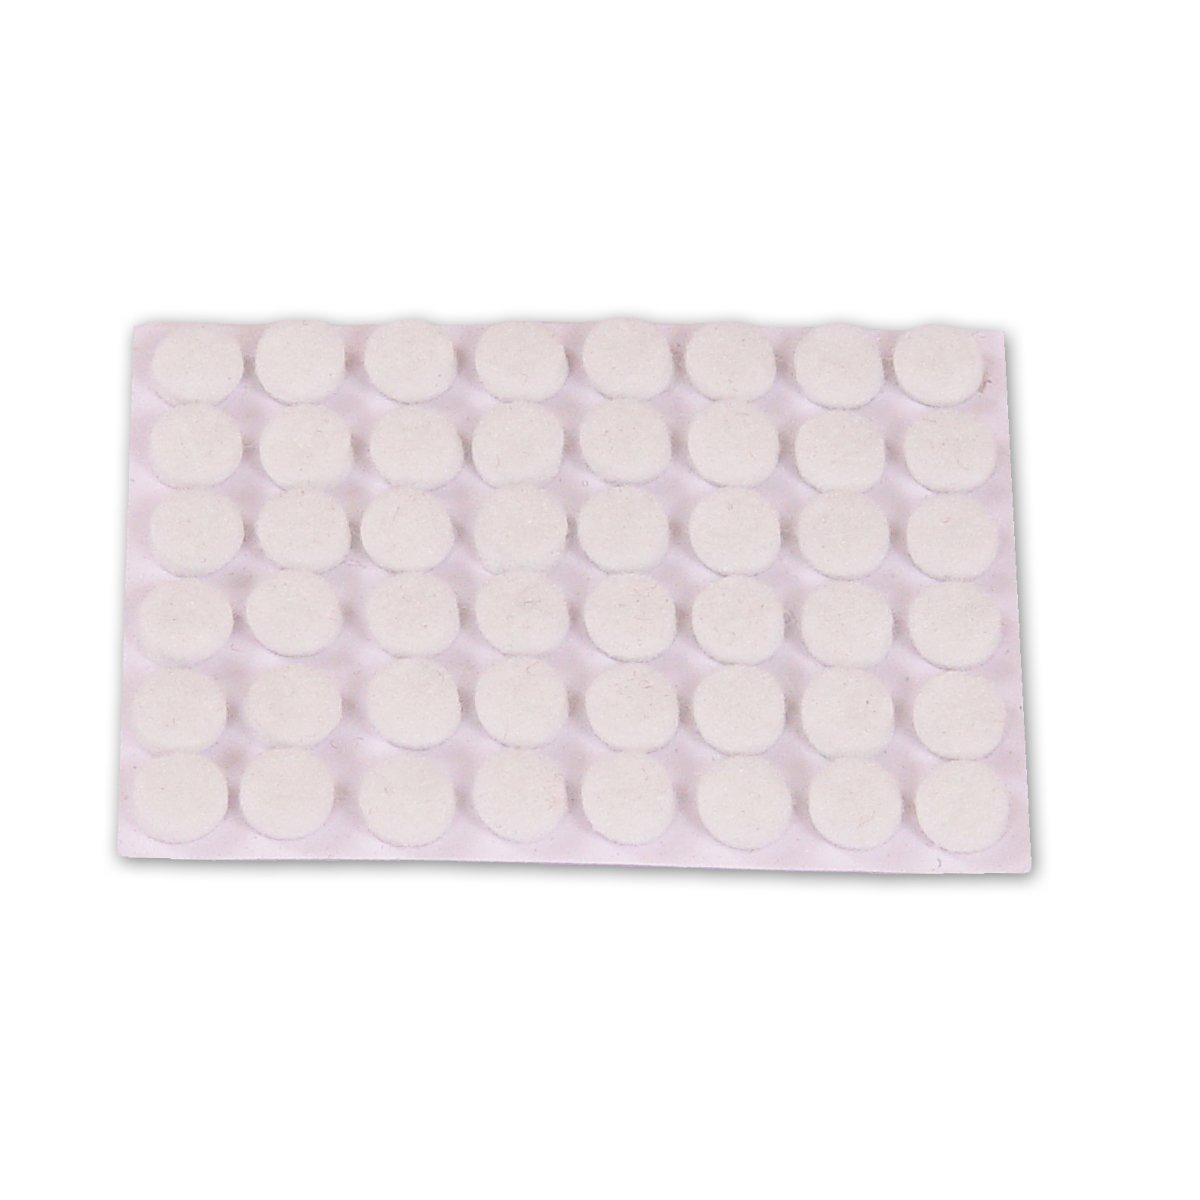 Di/ámetro 9 mm Set de 48 Piezas Brinox B77010M Fieltro adhesivo Marr/ón